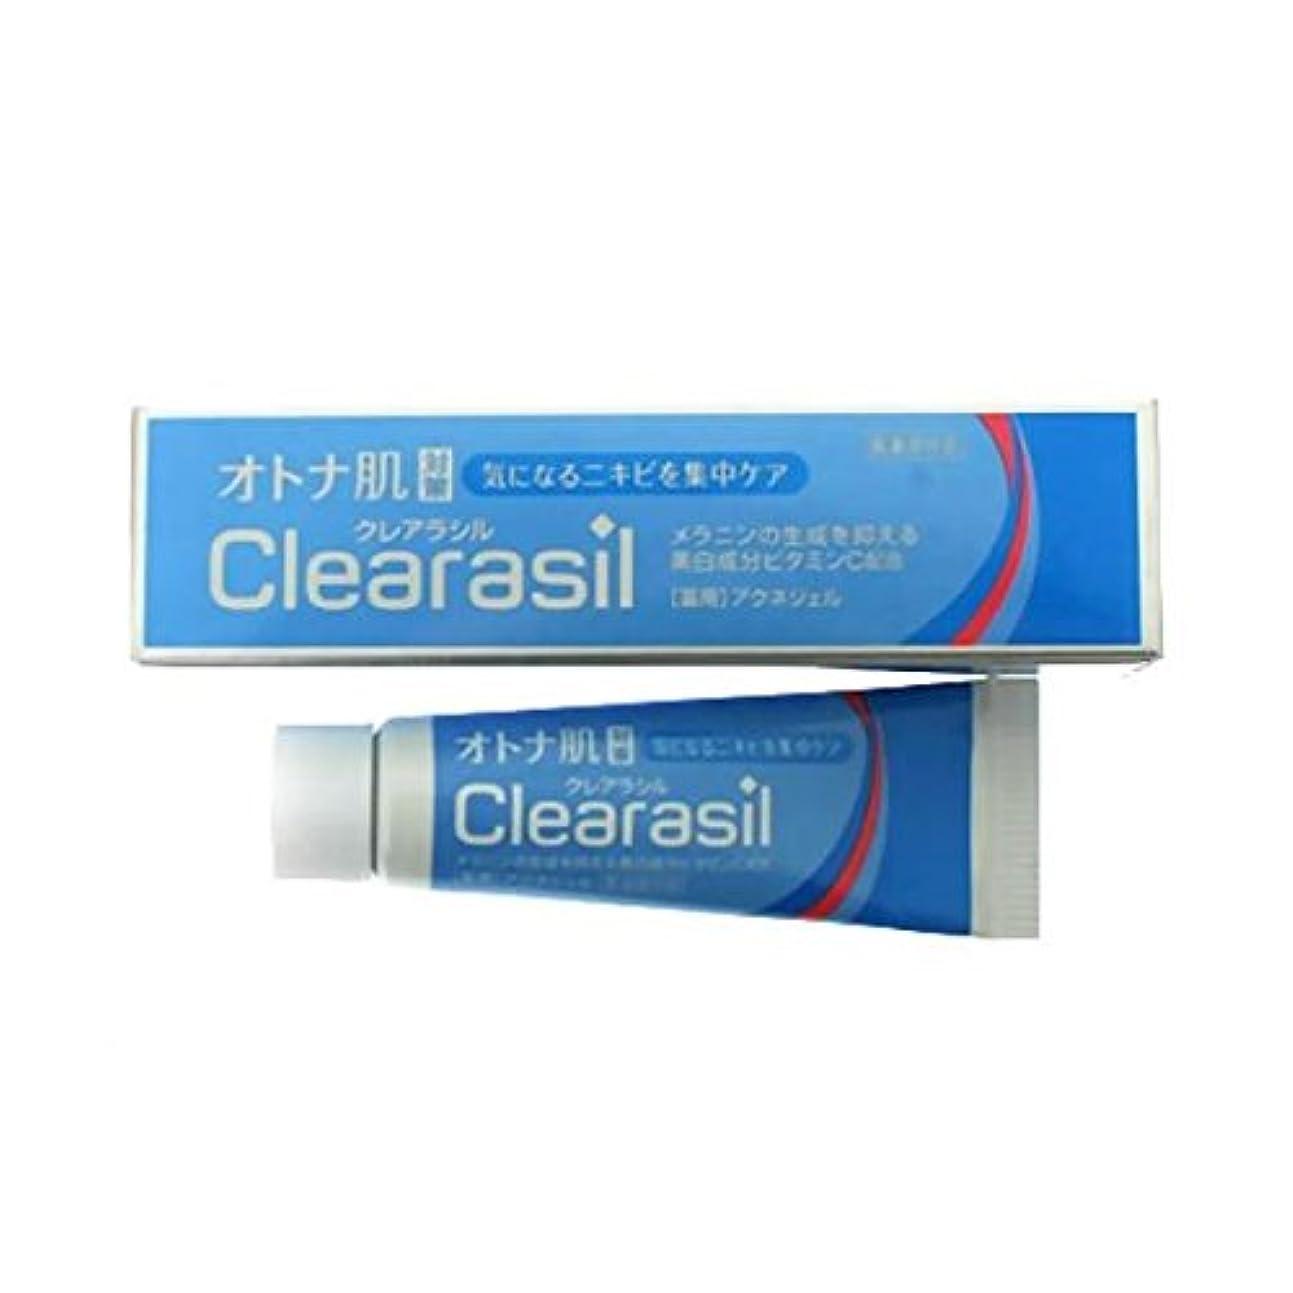 つぼみ中にシュガーオトナ肌対策クレアラシル 薬用アクネジェル(14g) ×2セット